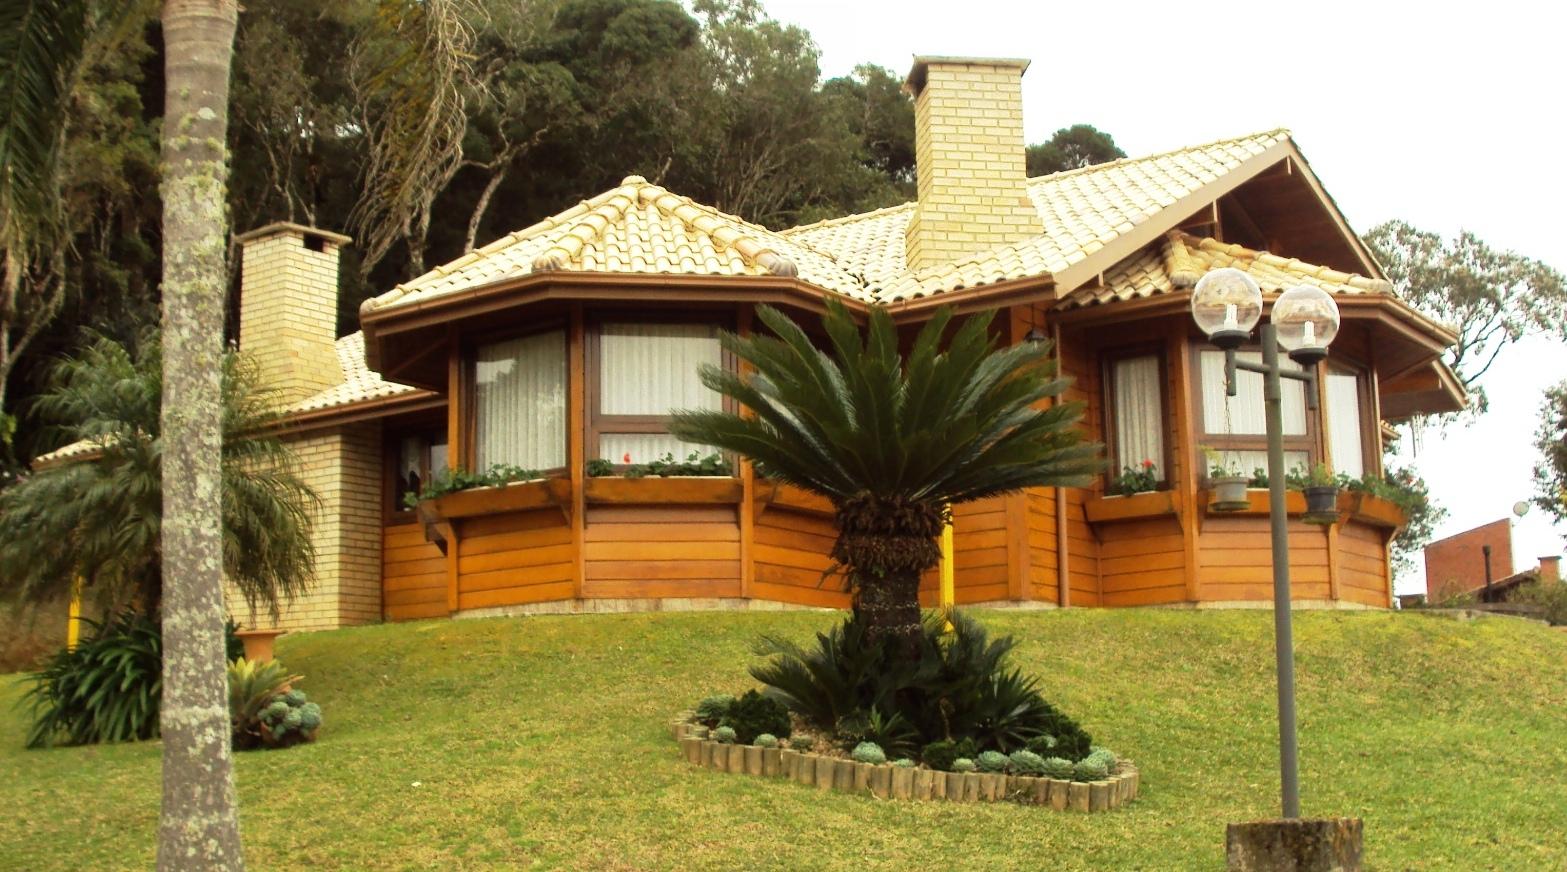 Casas block haus casas de madeira especiais for Haus in madeira